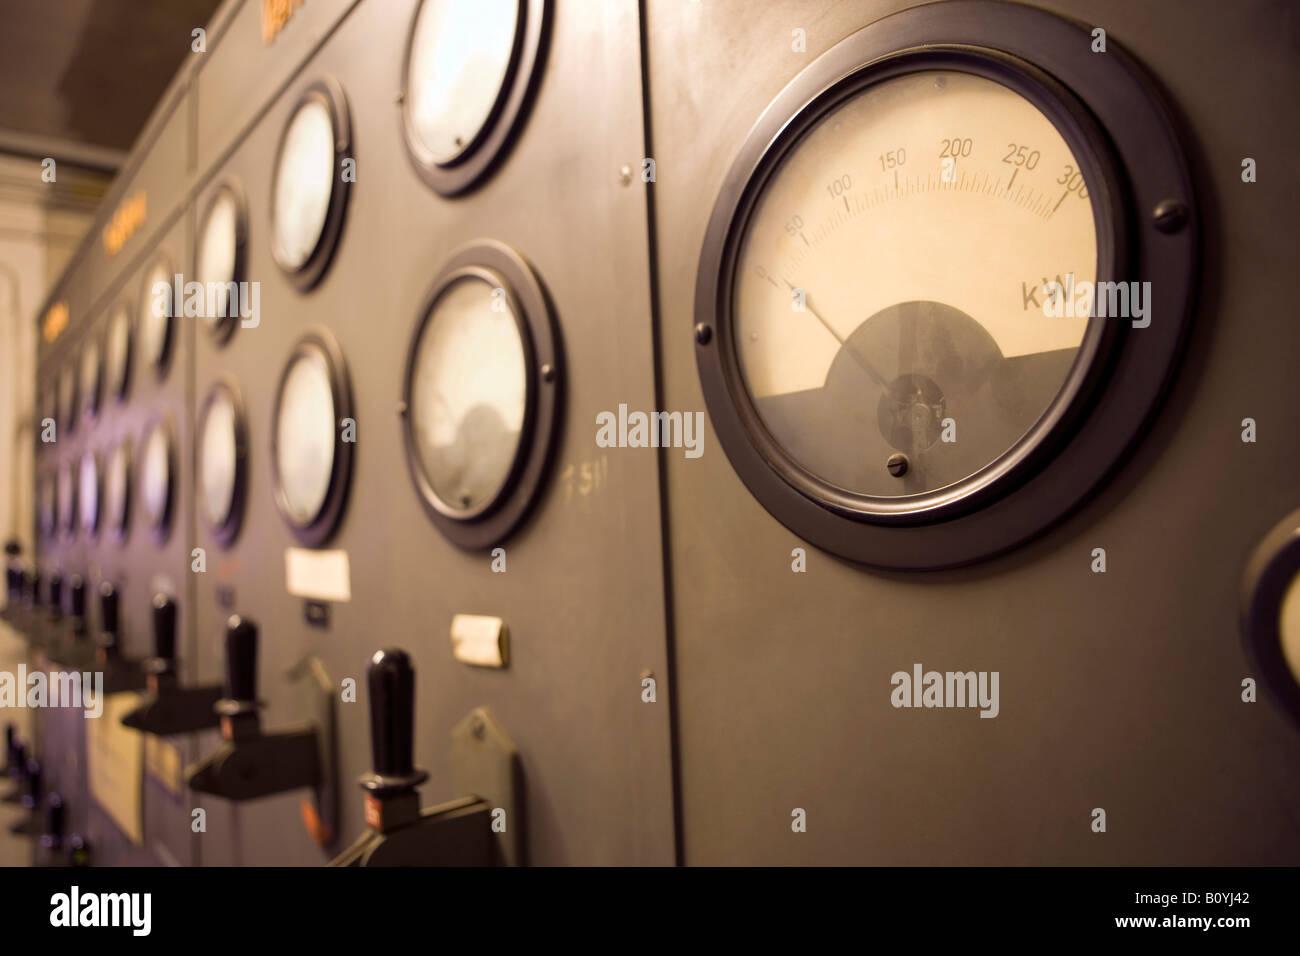 Estación de calentamiento, indicando los instrumentos Imagen De Stock